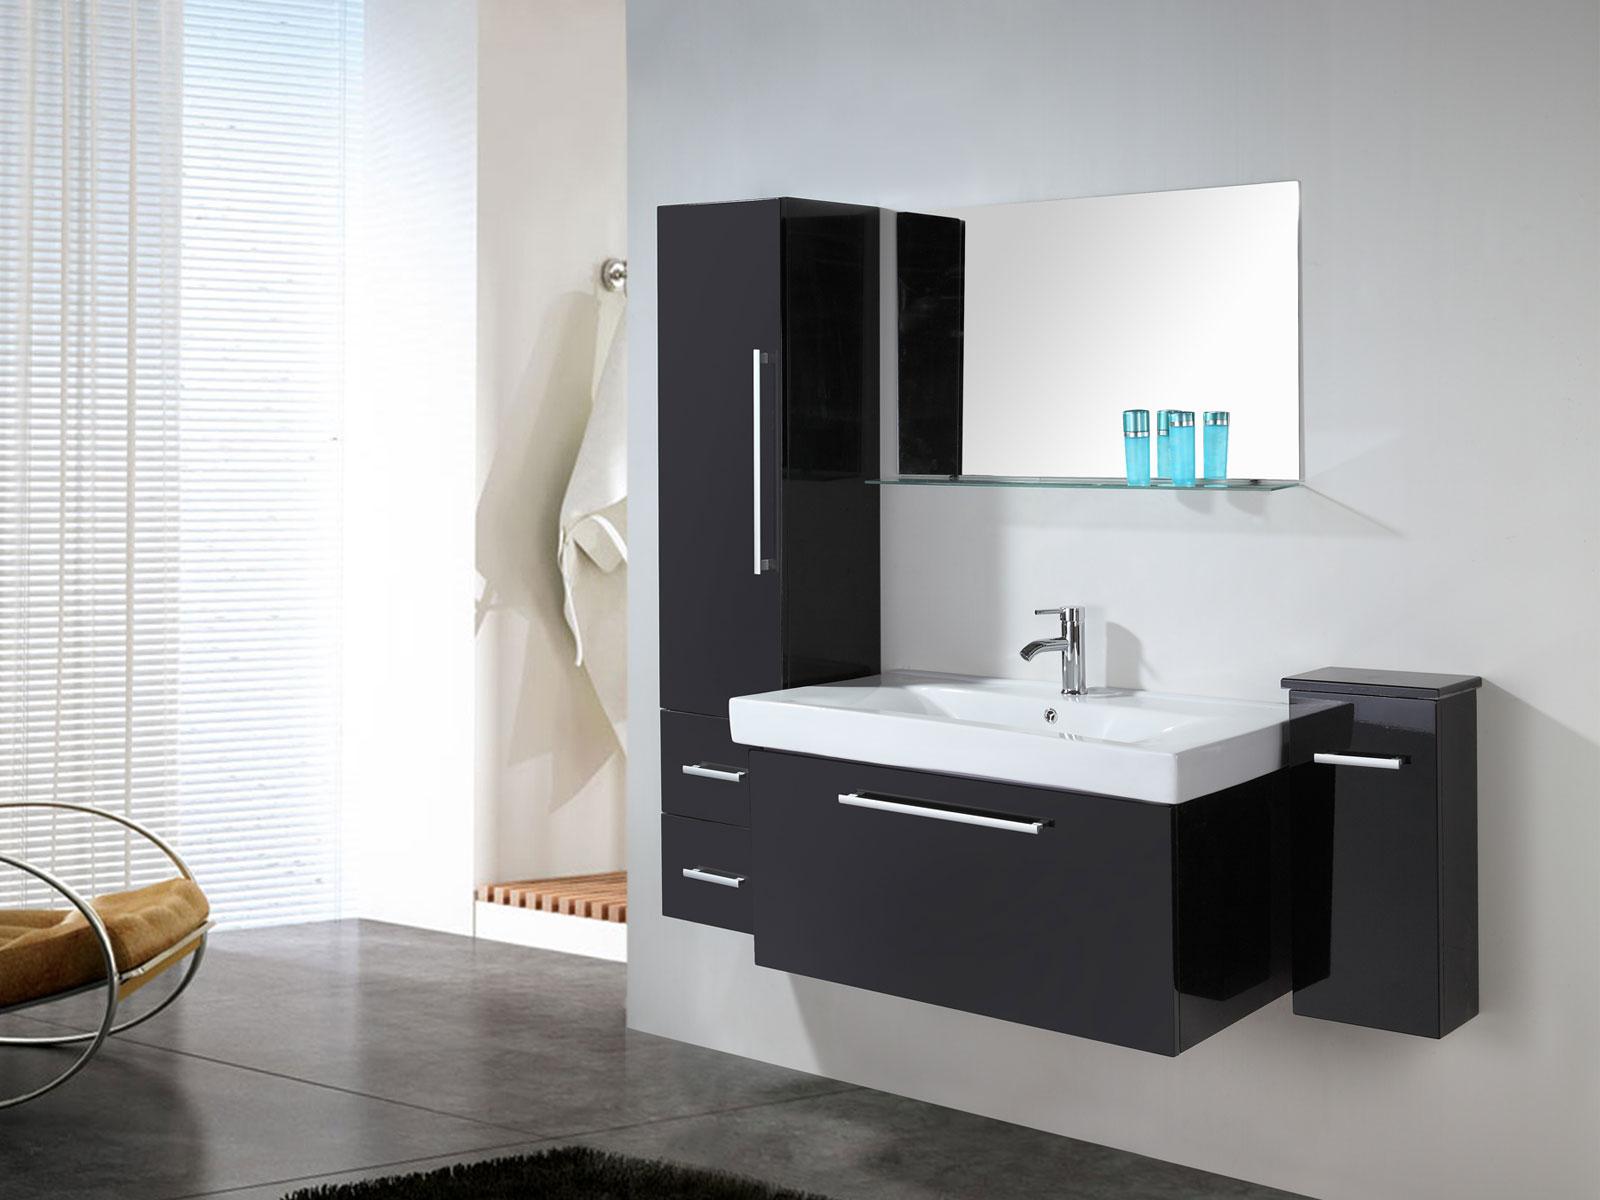 Mobile arredo bagno arredobagno london 100 cm rubinetteria for Arredo bagnio